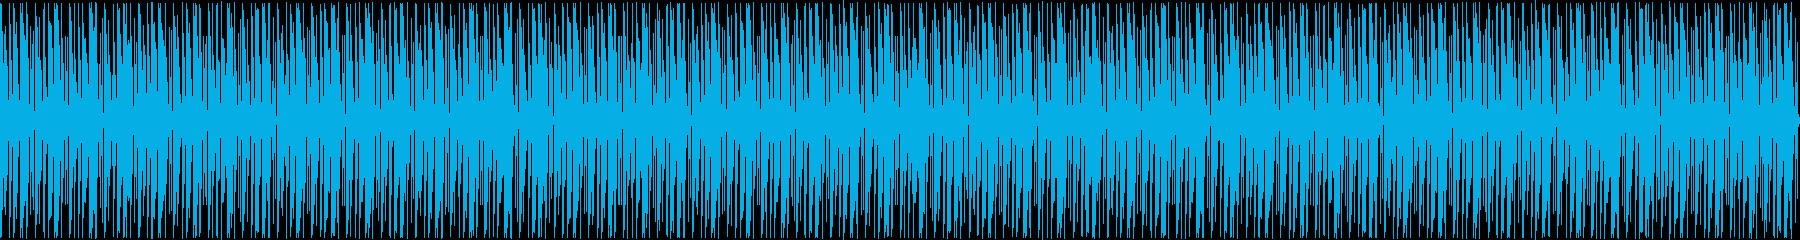 ビデオゲームやWebアプリ用にルー...の再生済みの波形